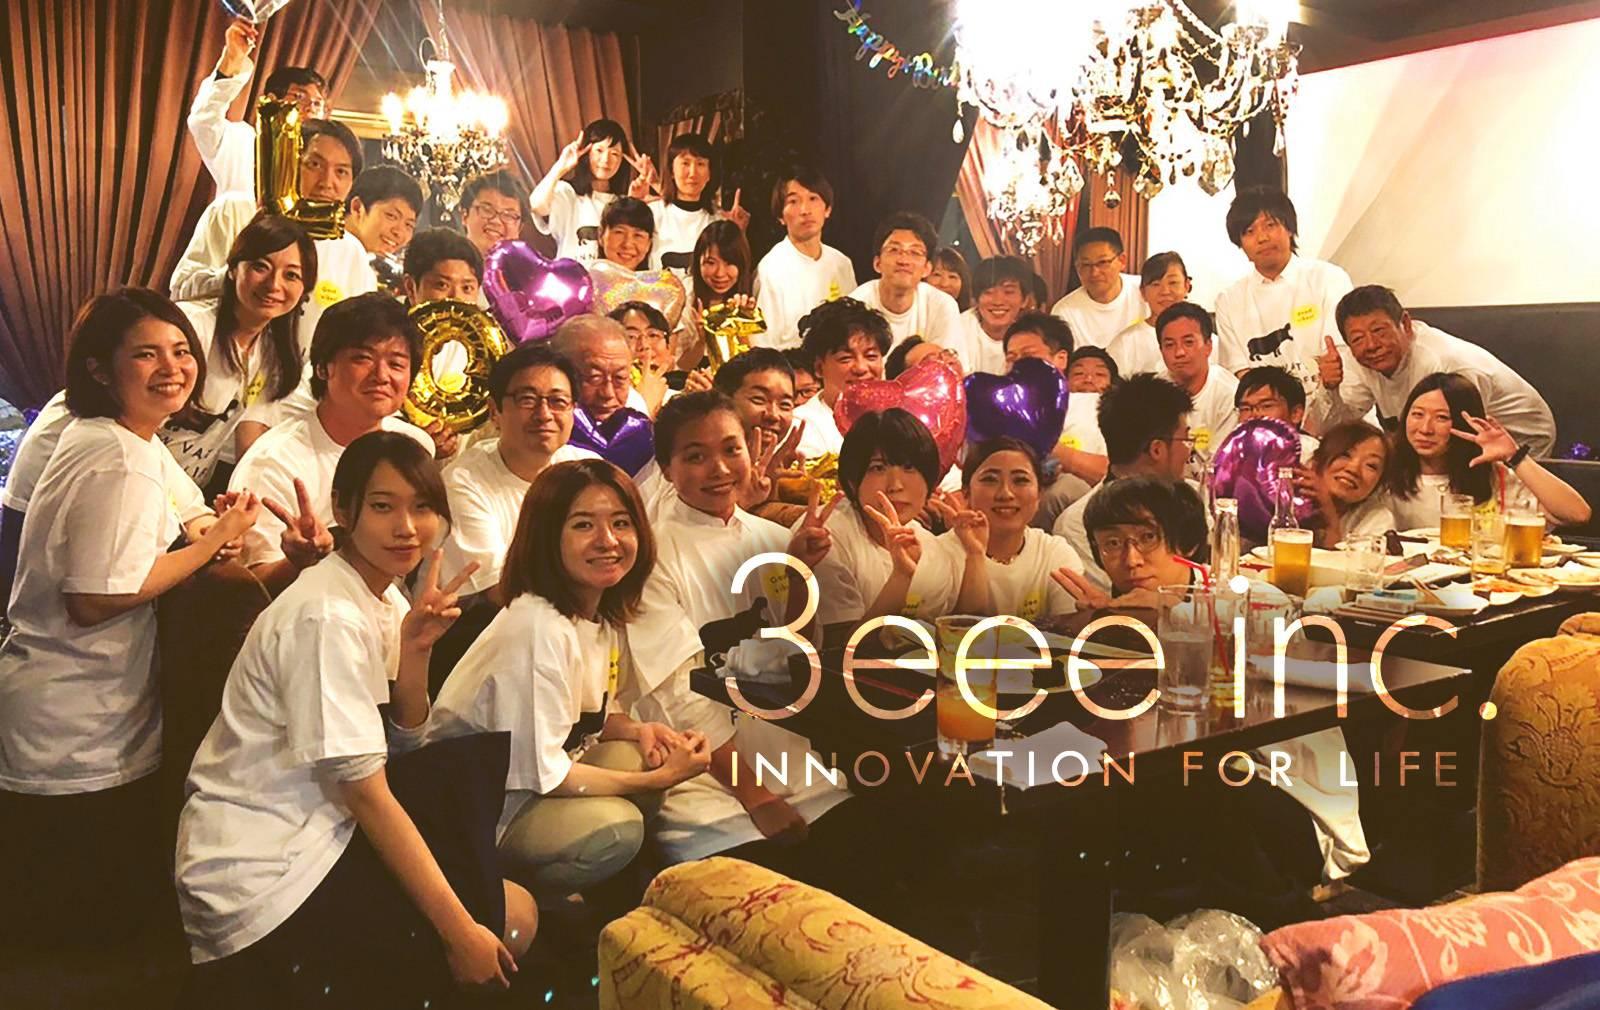 株式会社3eee